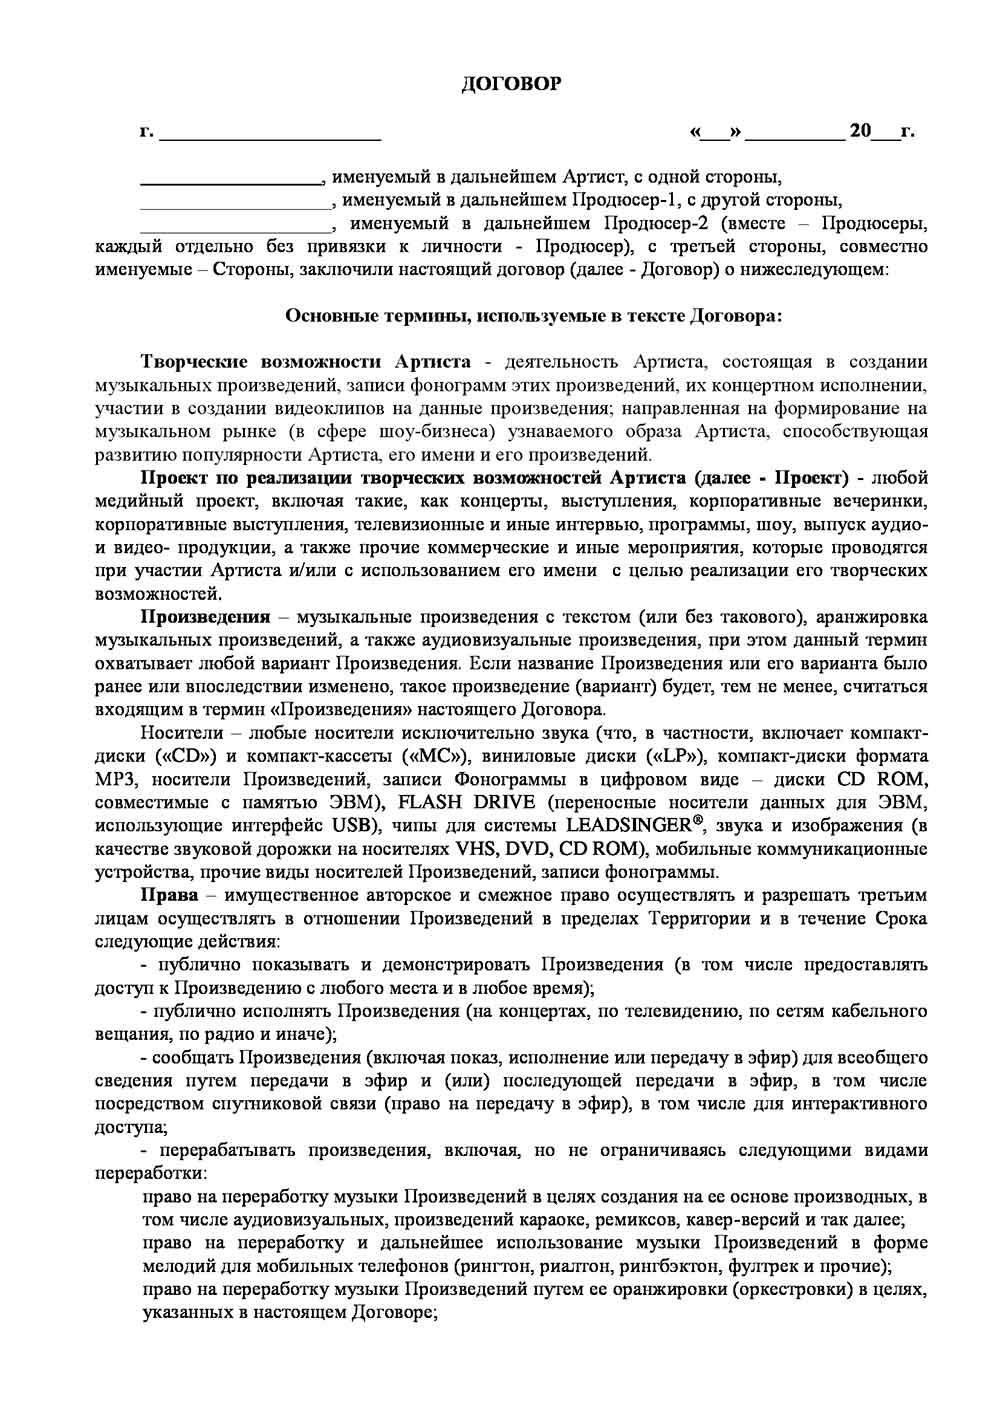 составление и анализ договора поставки